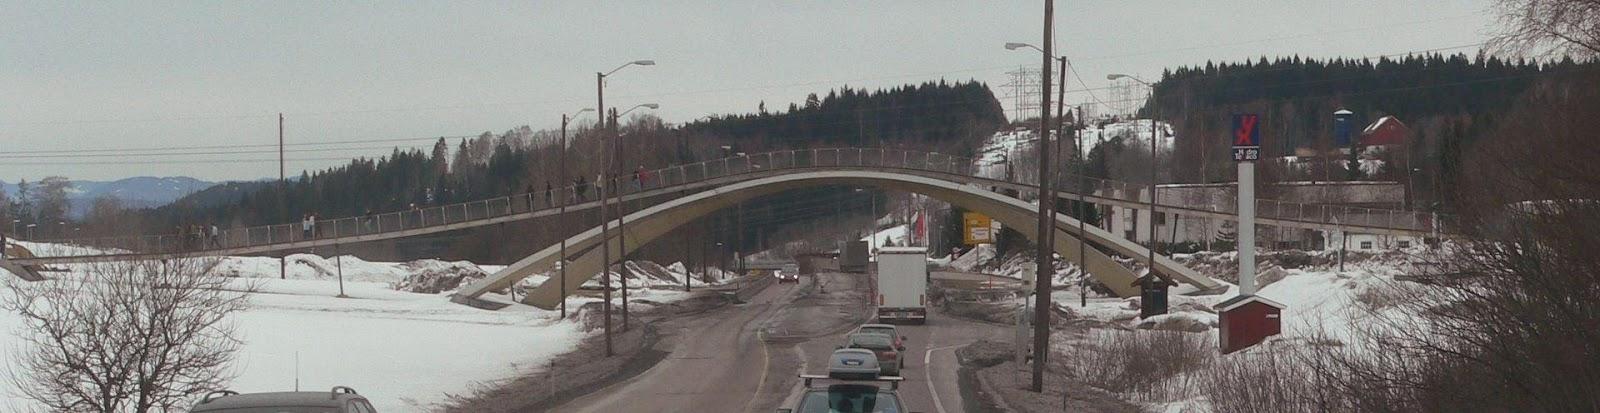 https://upload.wikimedia.org/wikipedia/commons/thumb/4/4f/Da_Vinci_Bridge_Ski.jpg/1920px-Da_Vinci_Bridge_Ski.jpg